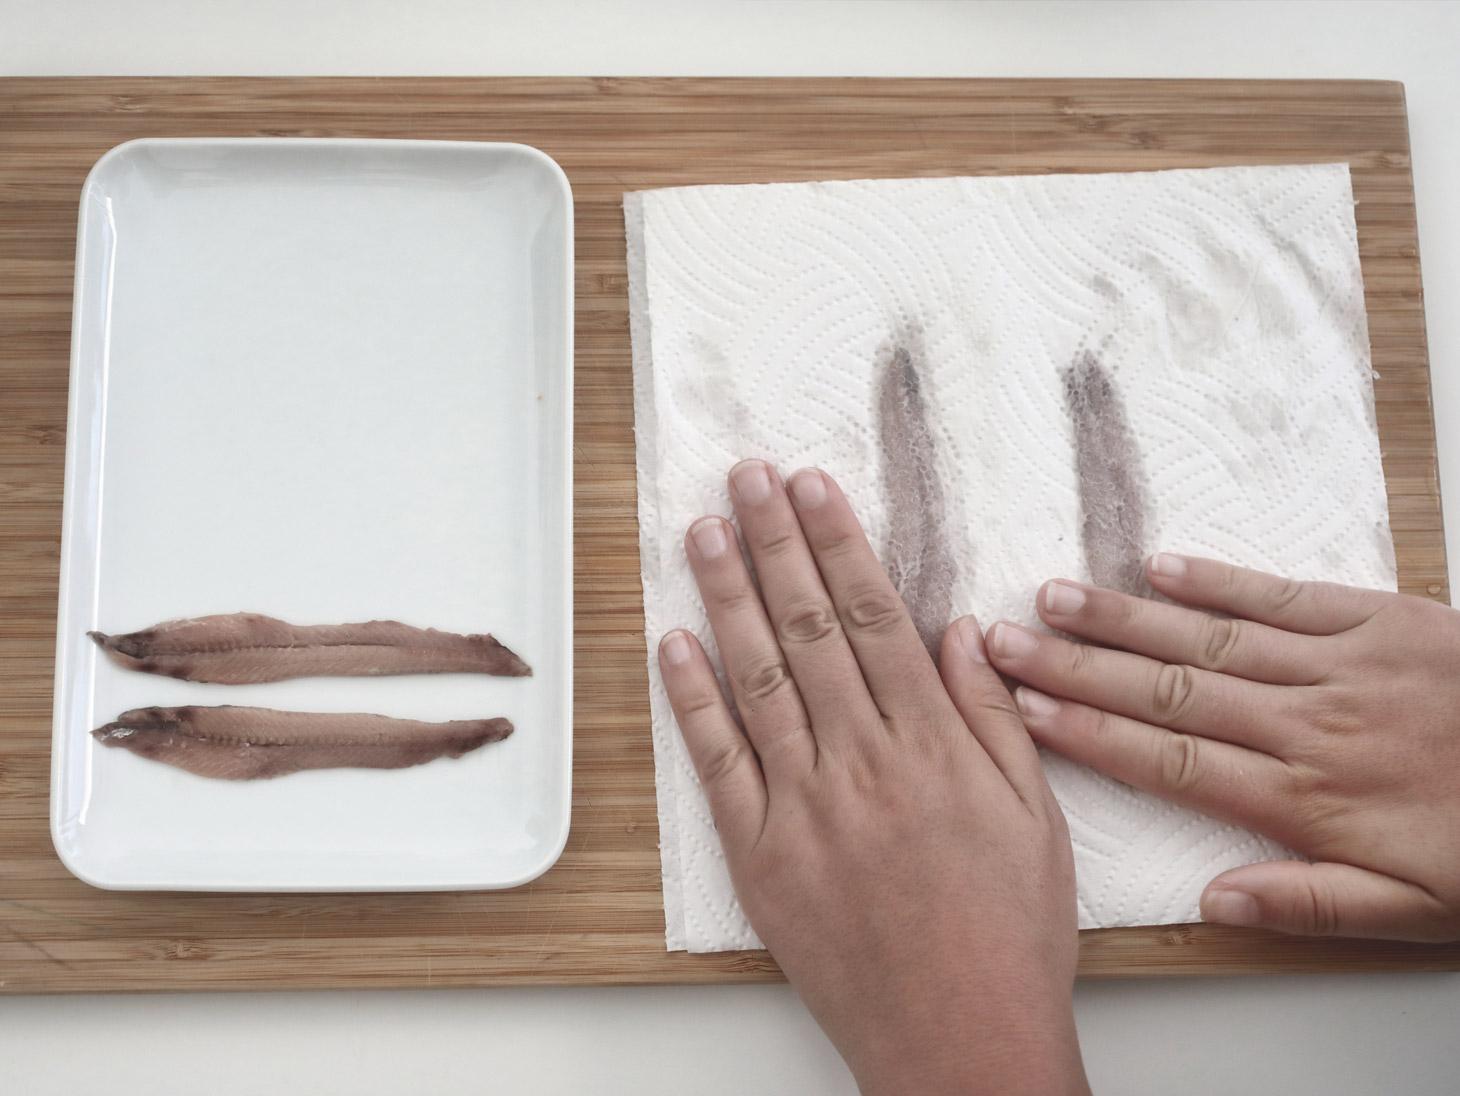 Come pulire e dissalare le acciughe - 5